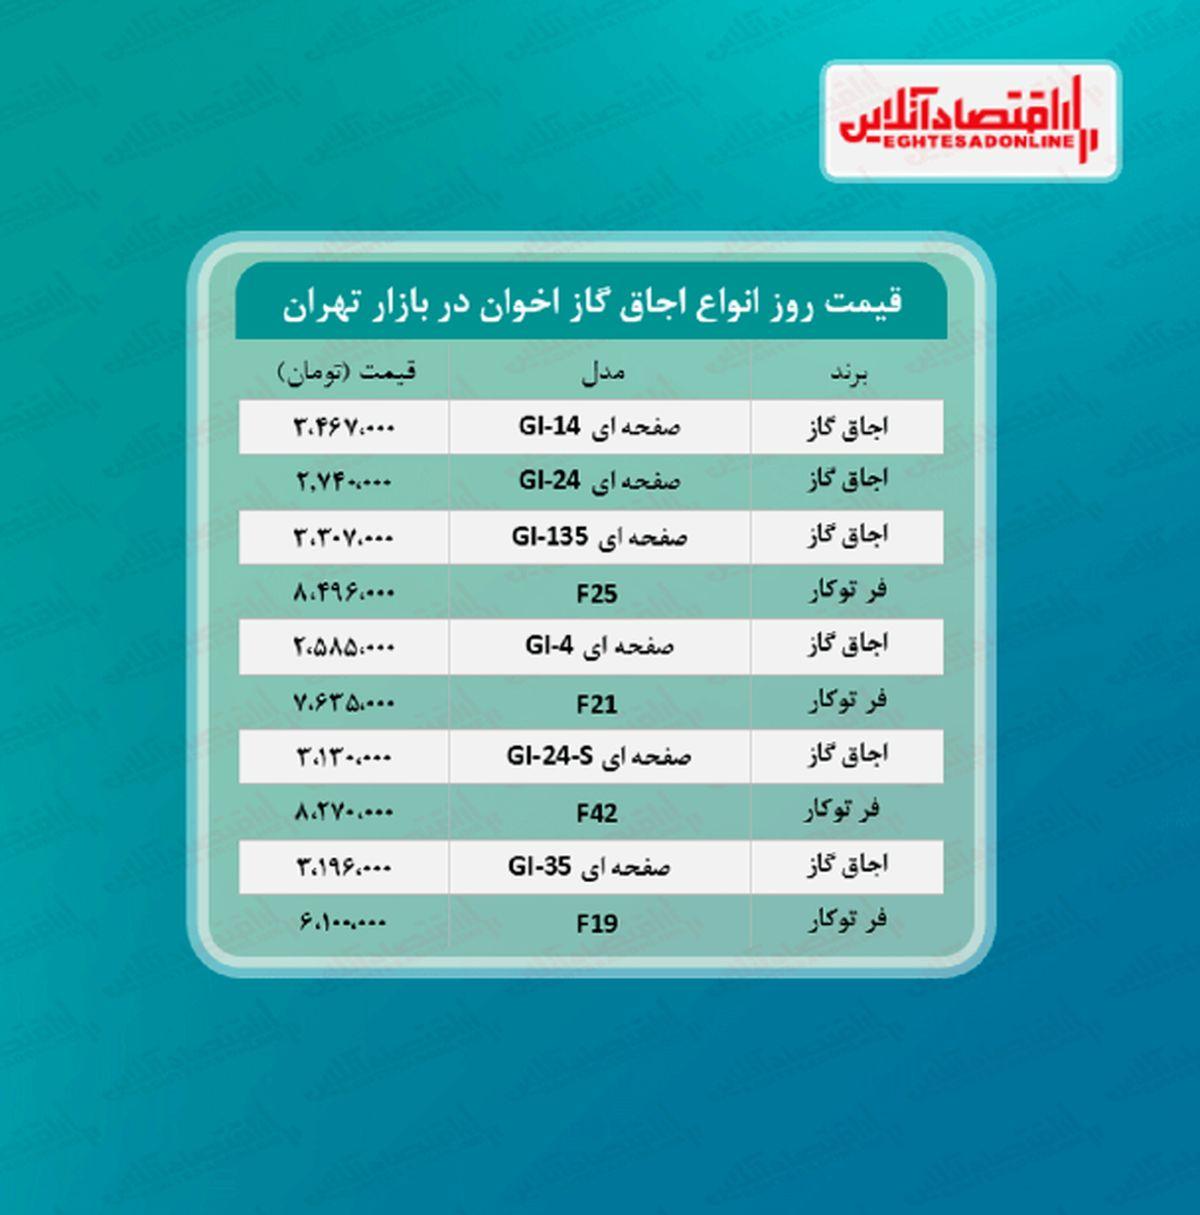 قیمت گاز اخوان + جدول